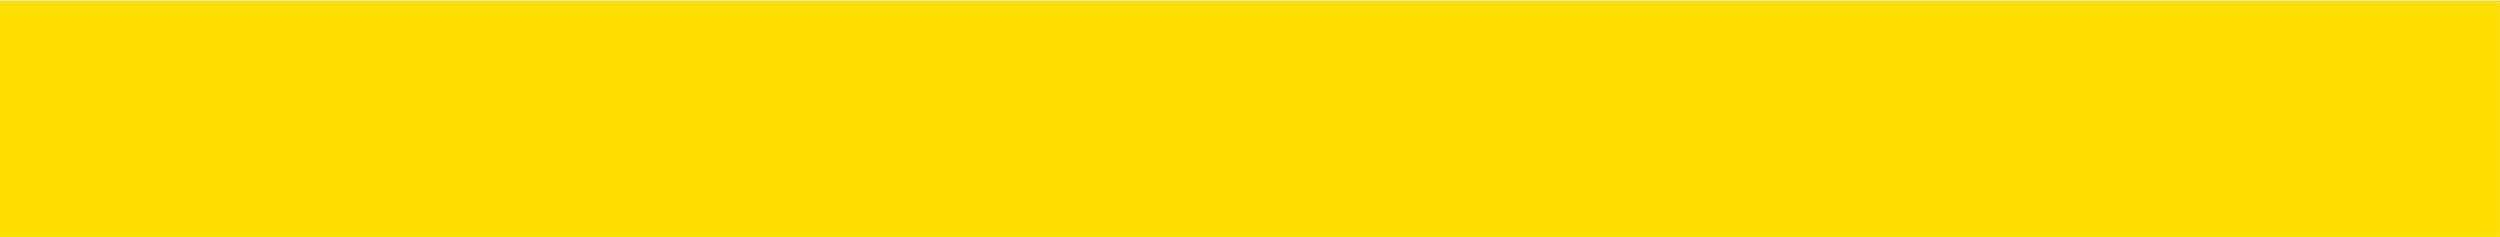 yellow-10.jpg